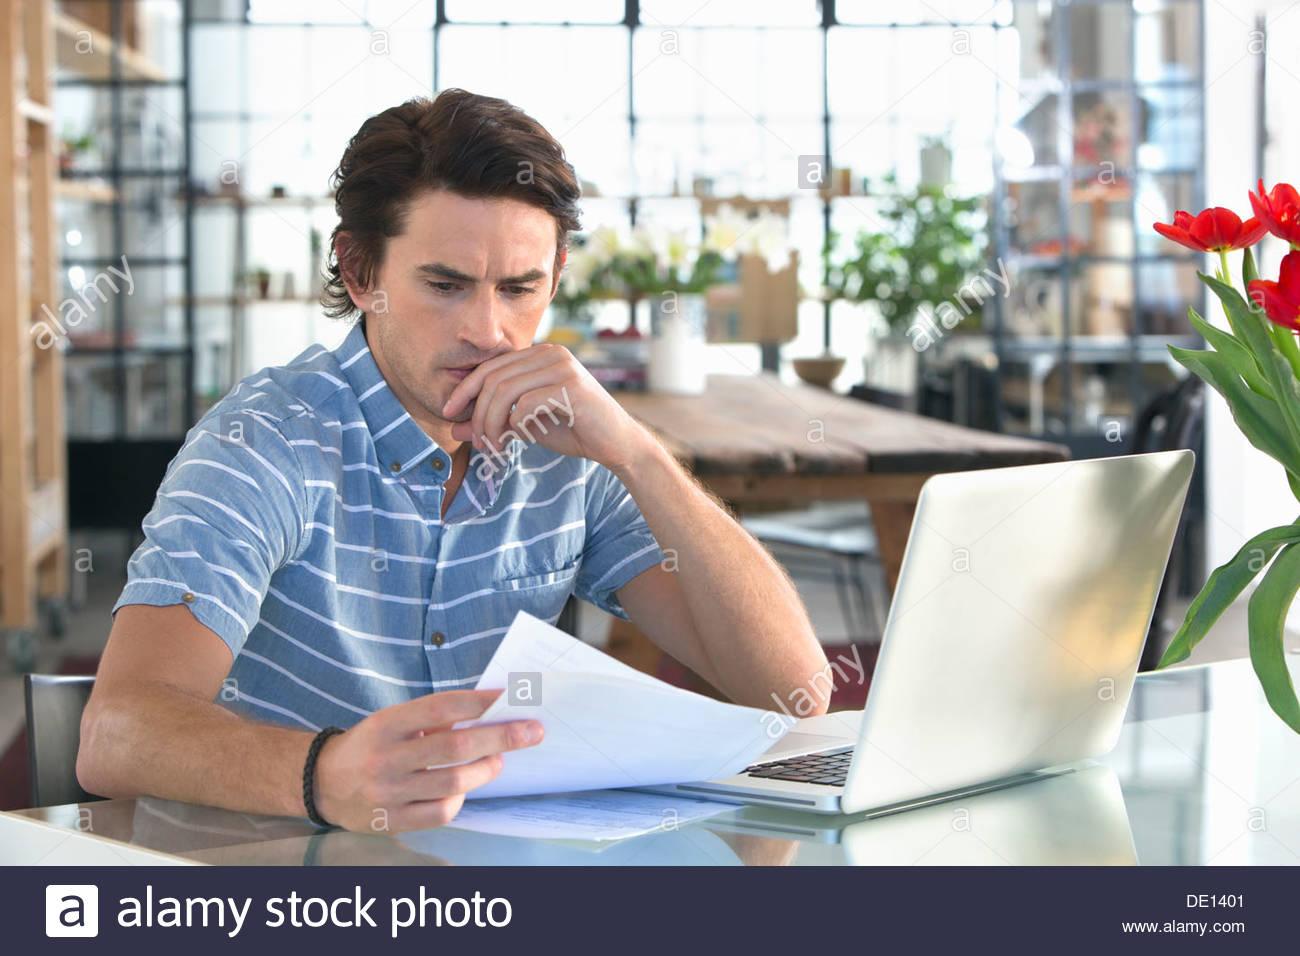 Ernster Mann mit Laptop blickte auf Papierkram am Küchentisch Stockbild